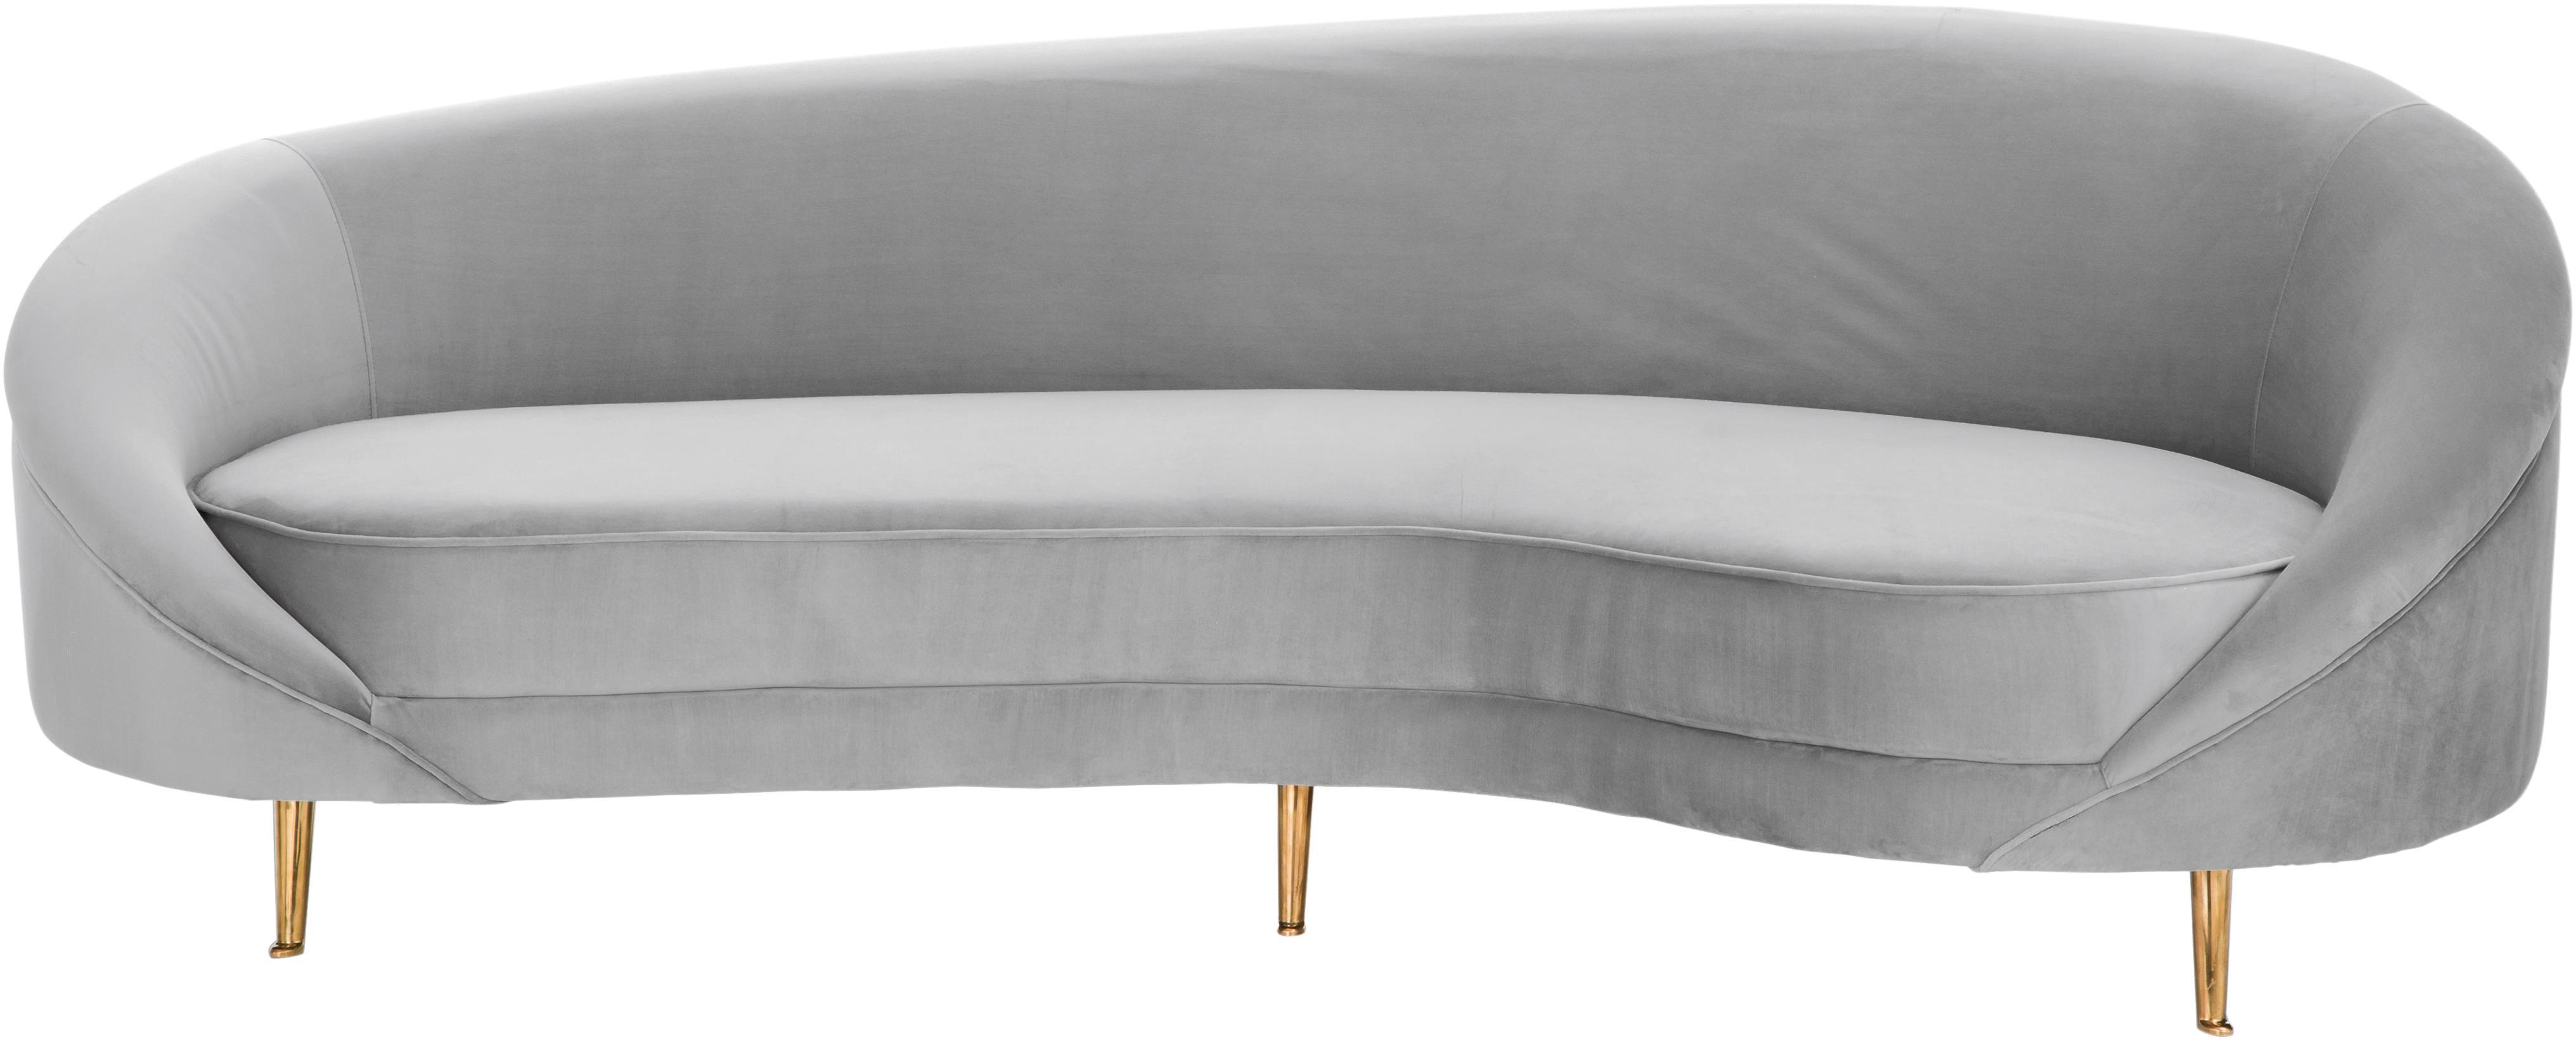 Divano 3 posti in velluto grigio Gatsby, Rivestimento: velluto (poliestere) 25.0, Struttura: legno di eucalipto massic, Piedini: metallo, zincato, Rivestimento: grigio Piedini: dorato lucido, Larg. 245 x Prof. 102 cm